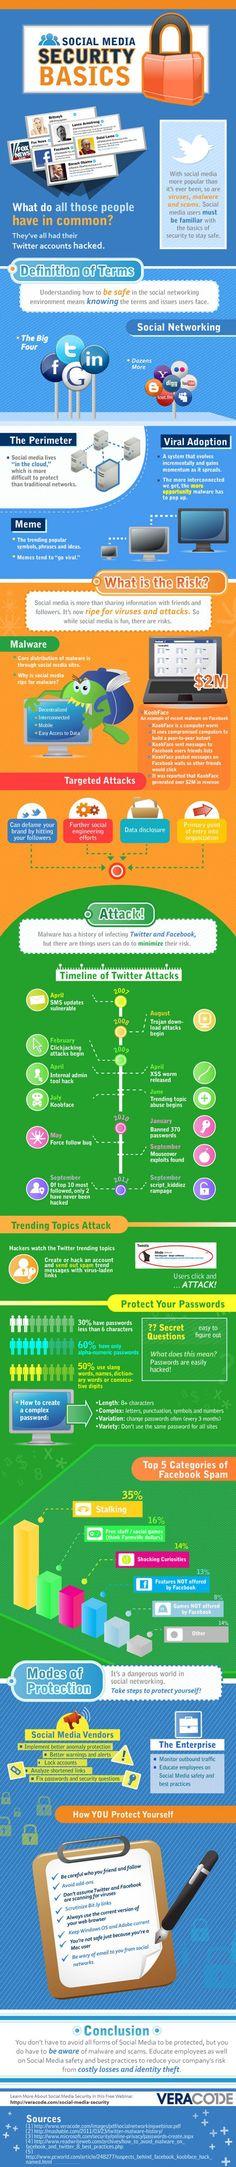 [Infographie] Les bases de la sécurité sur les réseaux sociaux